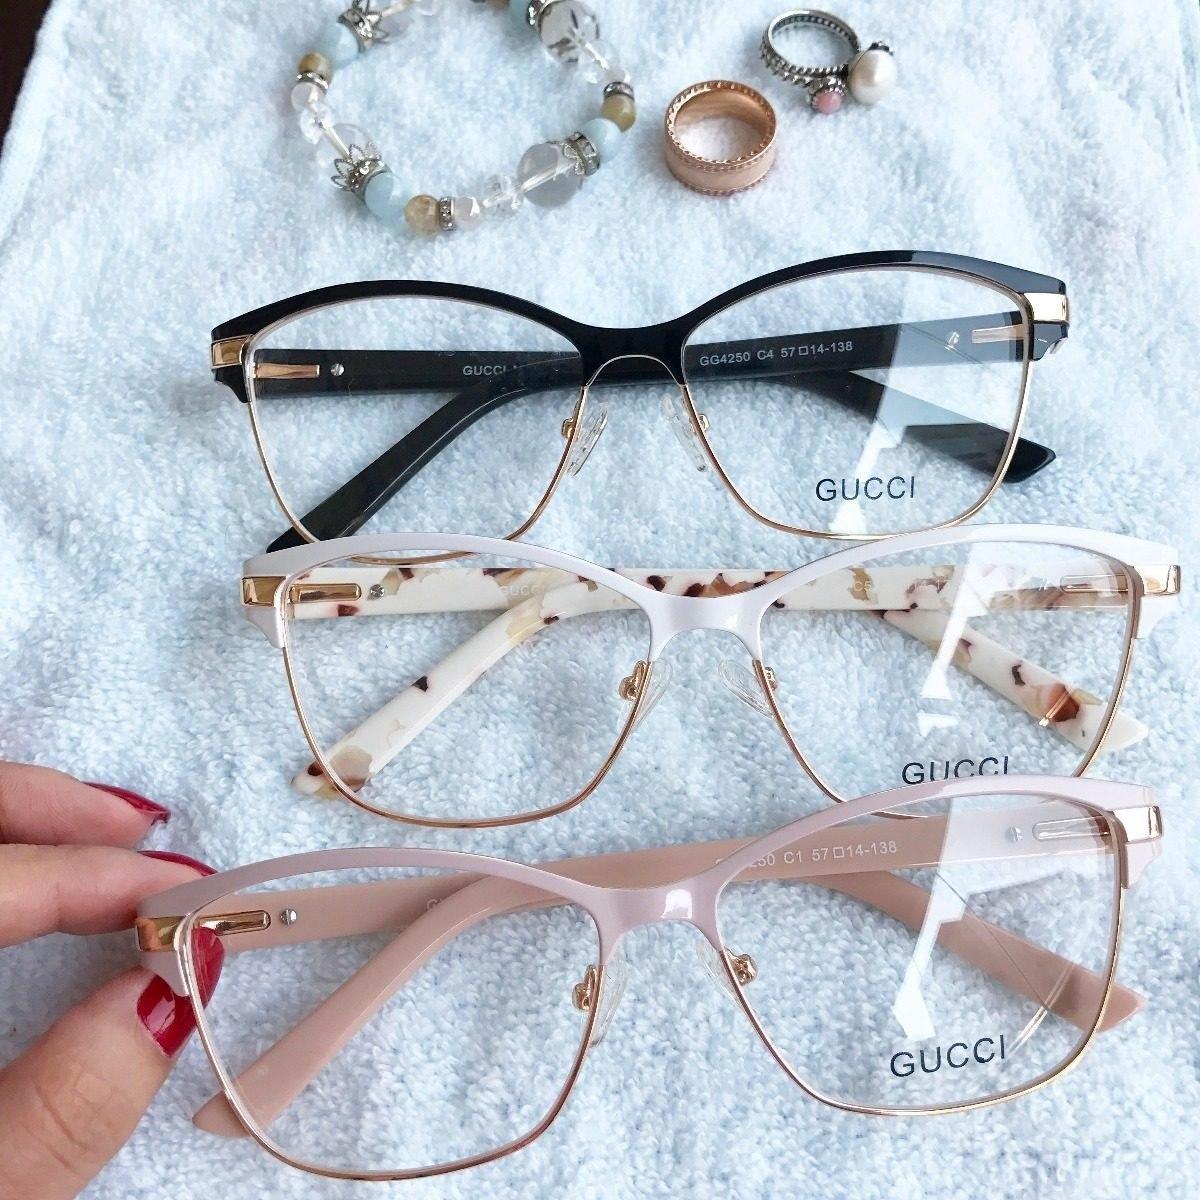 c2dbe2e369938 armação óculos estilo gatinho feminino acetato. Carregando zoom.